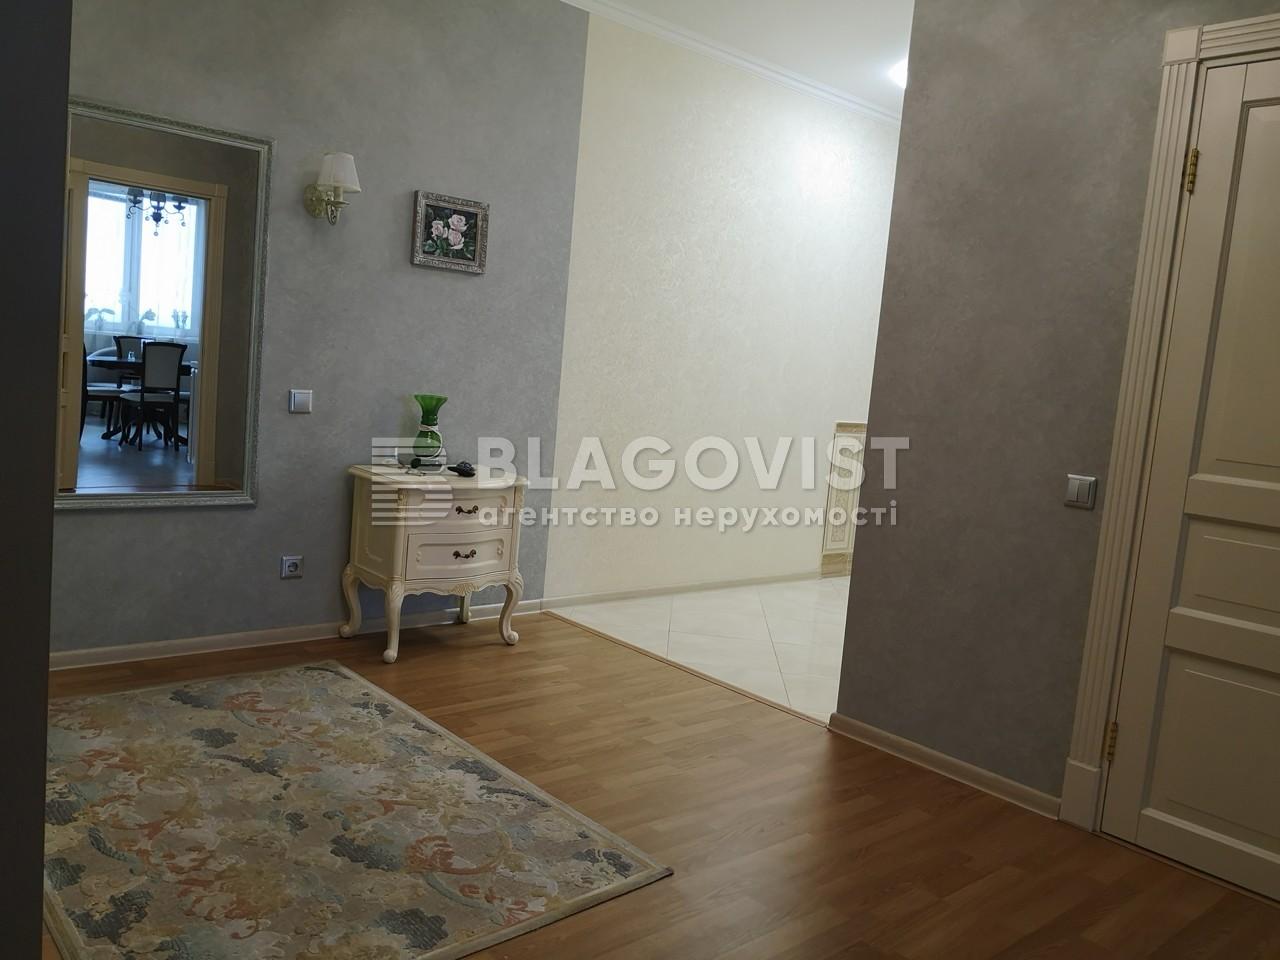 Квартира M-38821, Чавдар Єлизавети, 2, Київ - Фото 24